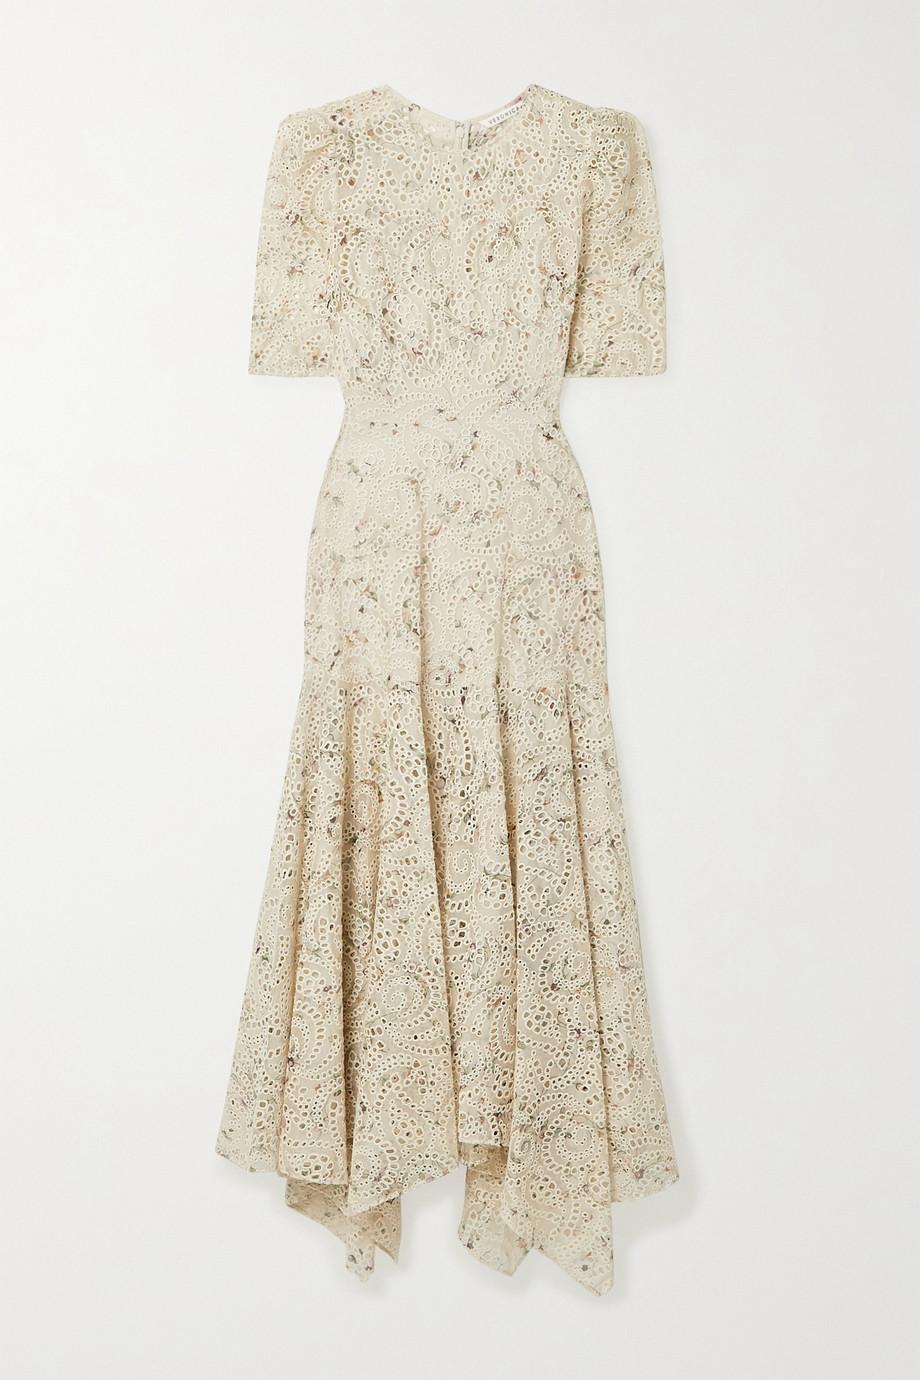 Veronica Beard Balsam floral-print broderie anglaise chiffon dress